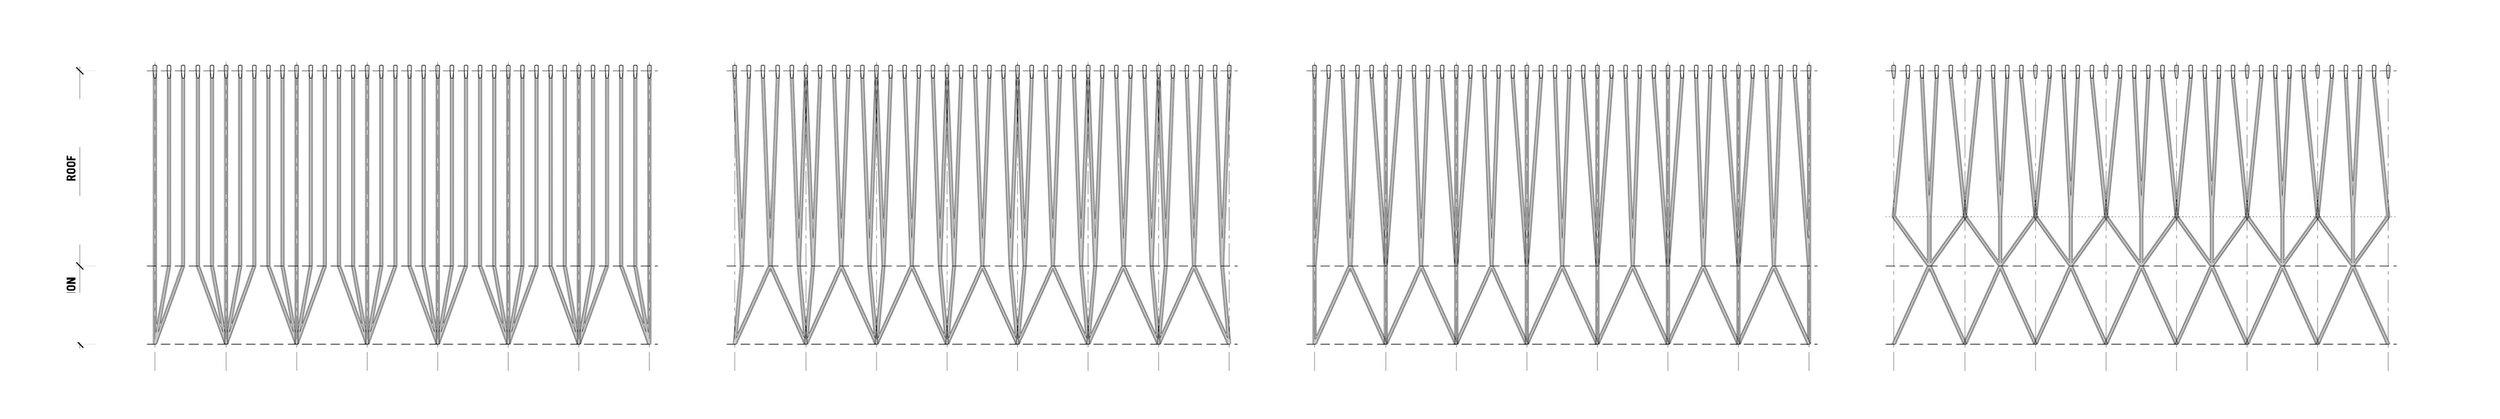 CLS geometry studies.jpg